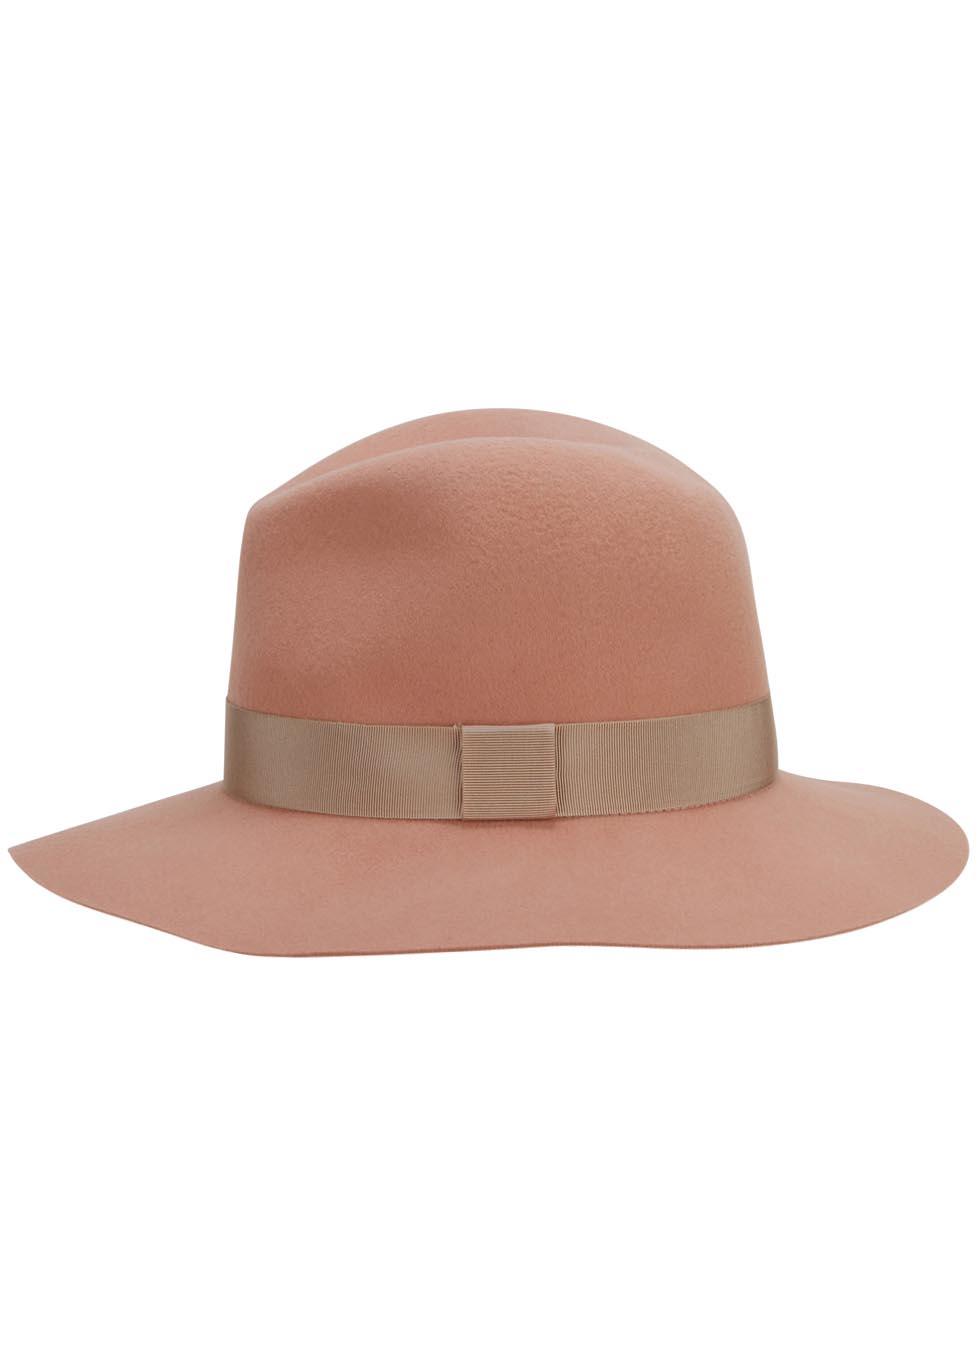 50d688416a0a0 Rag   Bone Light Pink Floppy Brim Felt Fedora in Brown - Lyst